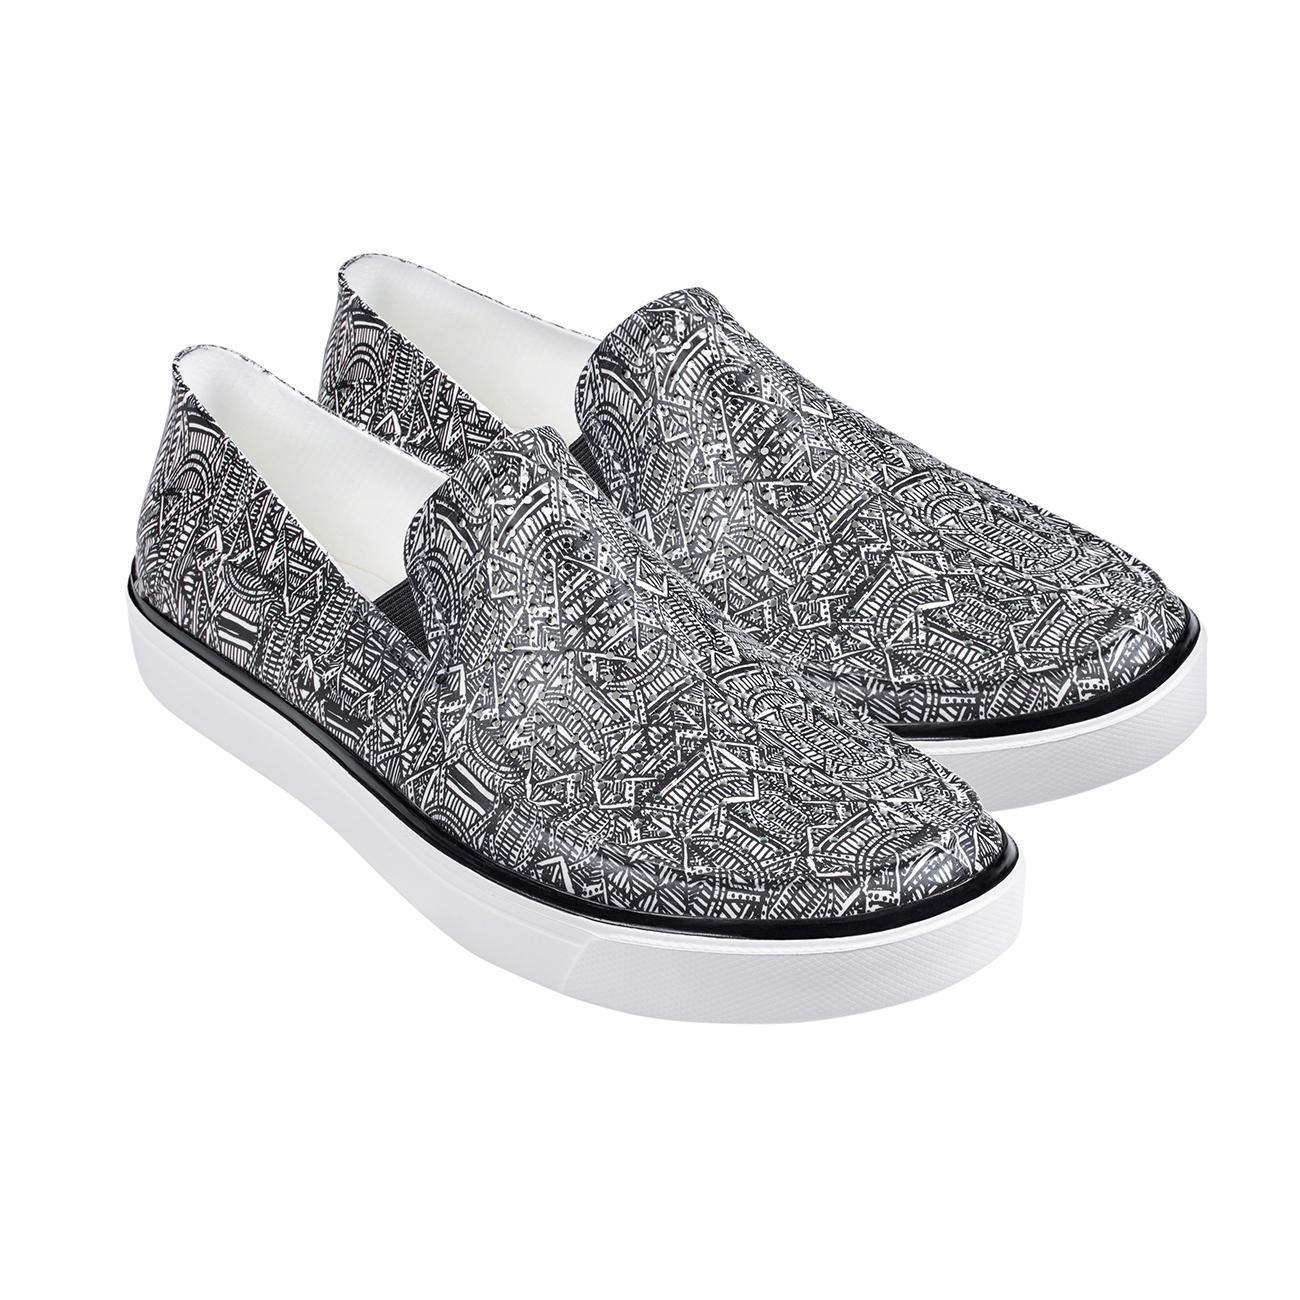 new style 24320 93cd8 Crocs Slip-On, Herren | Mode-Klassiker entdecken